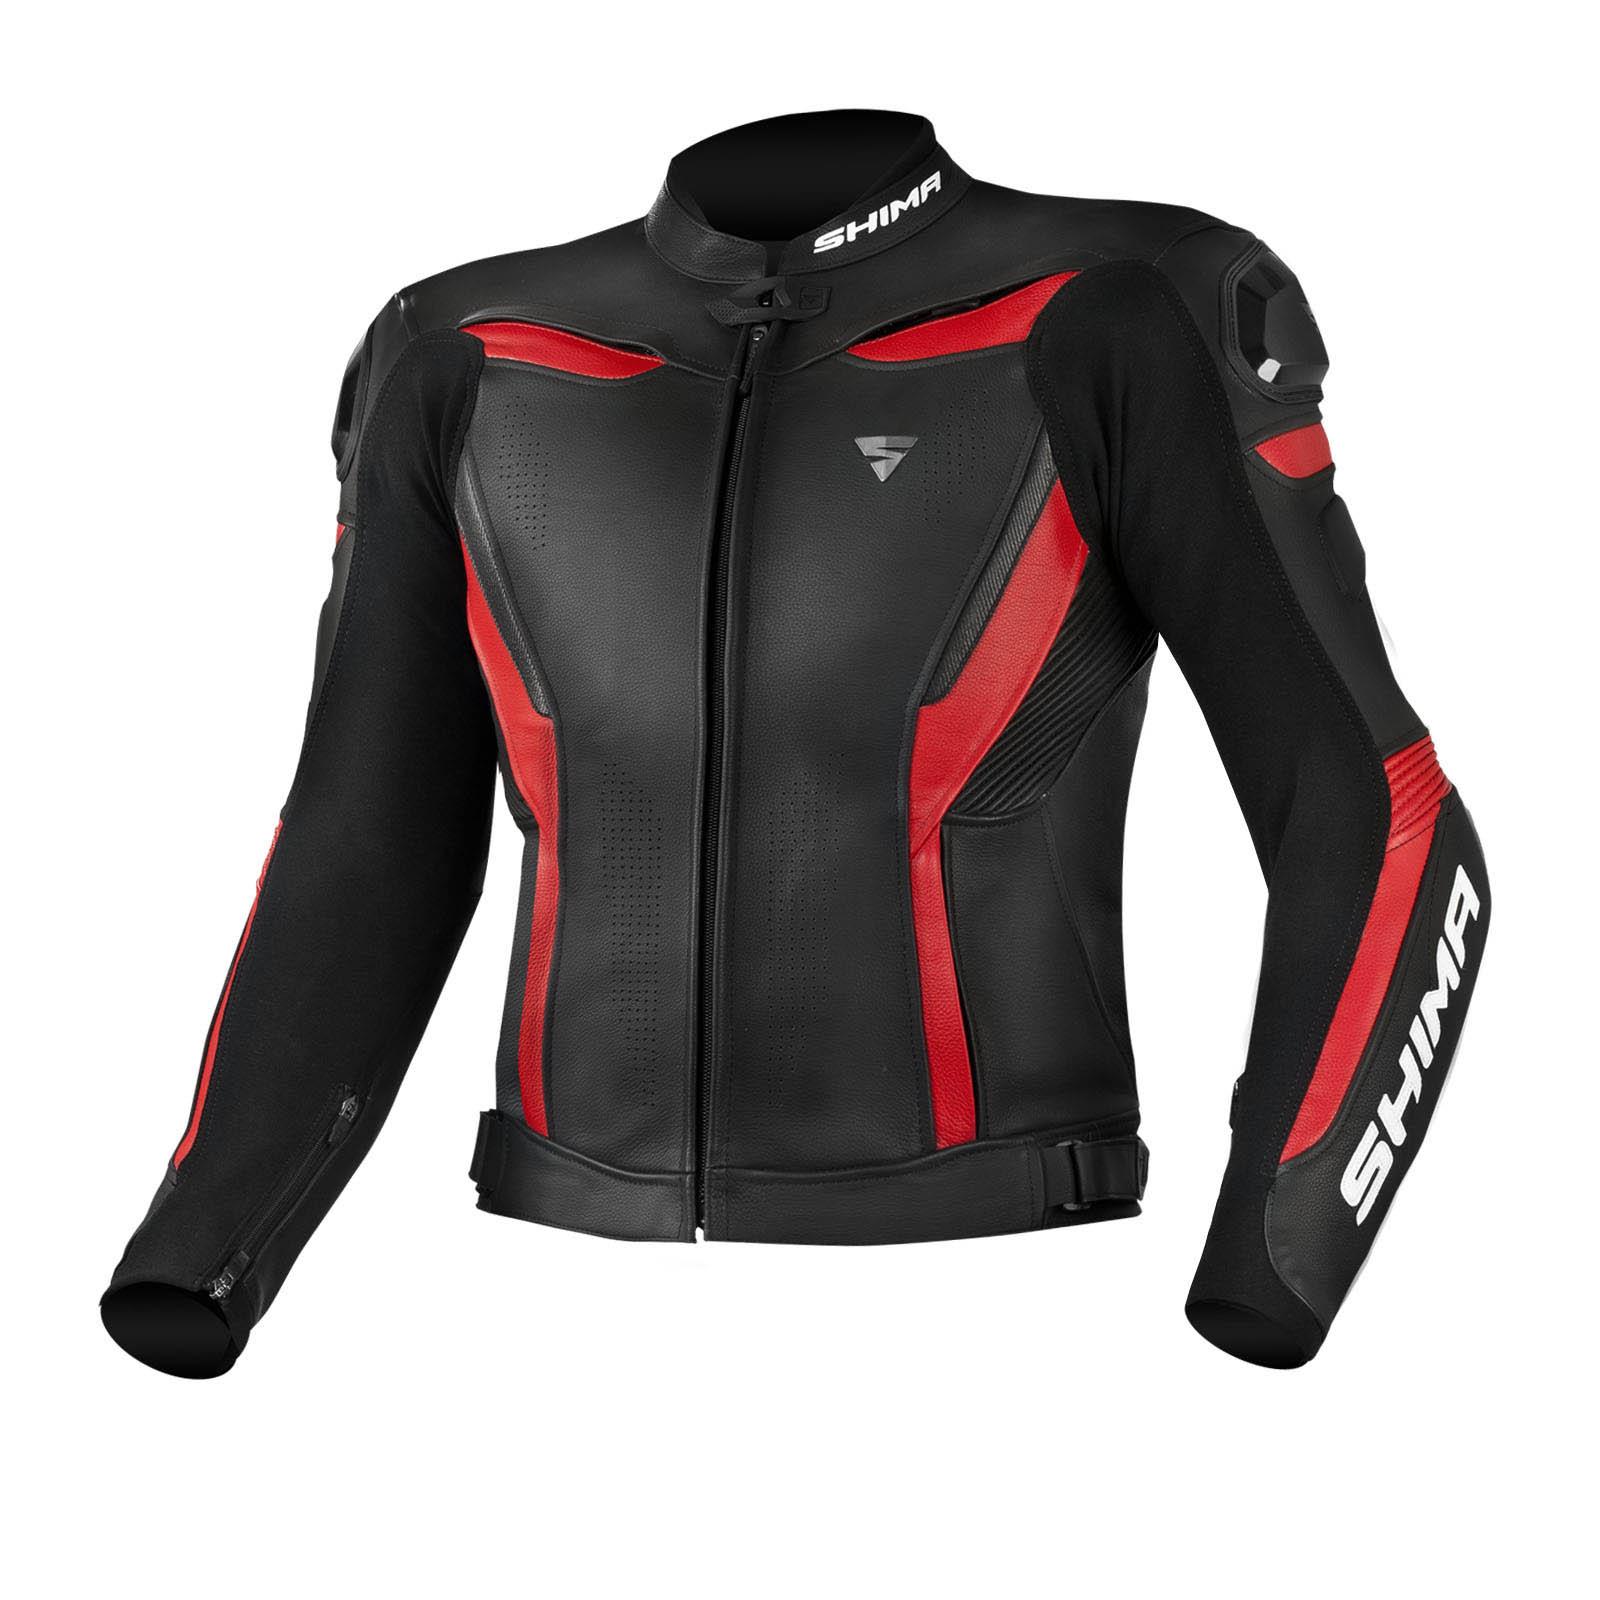 Спортивная куртка кожаная SHIMA CHASE вид спереди для мотоциклистов купить по низкой цене